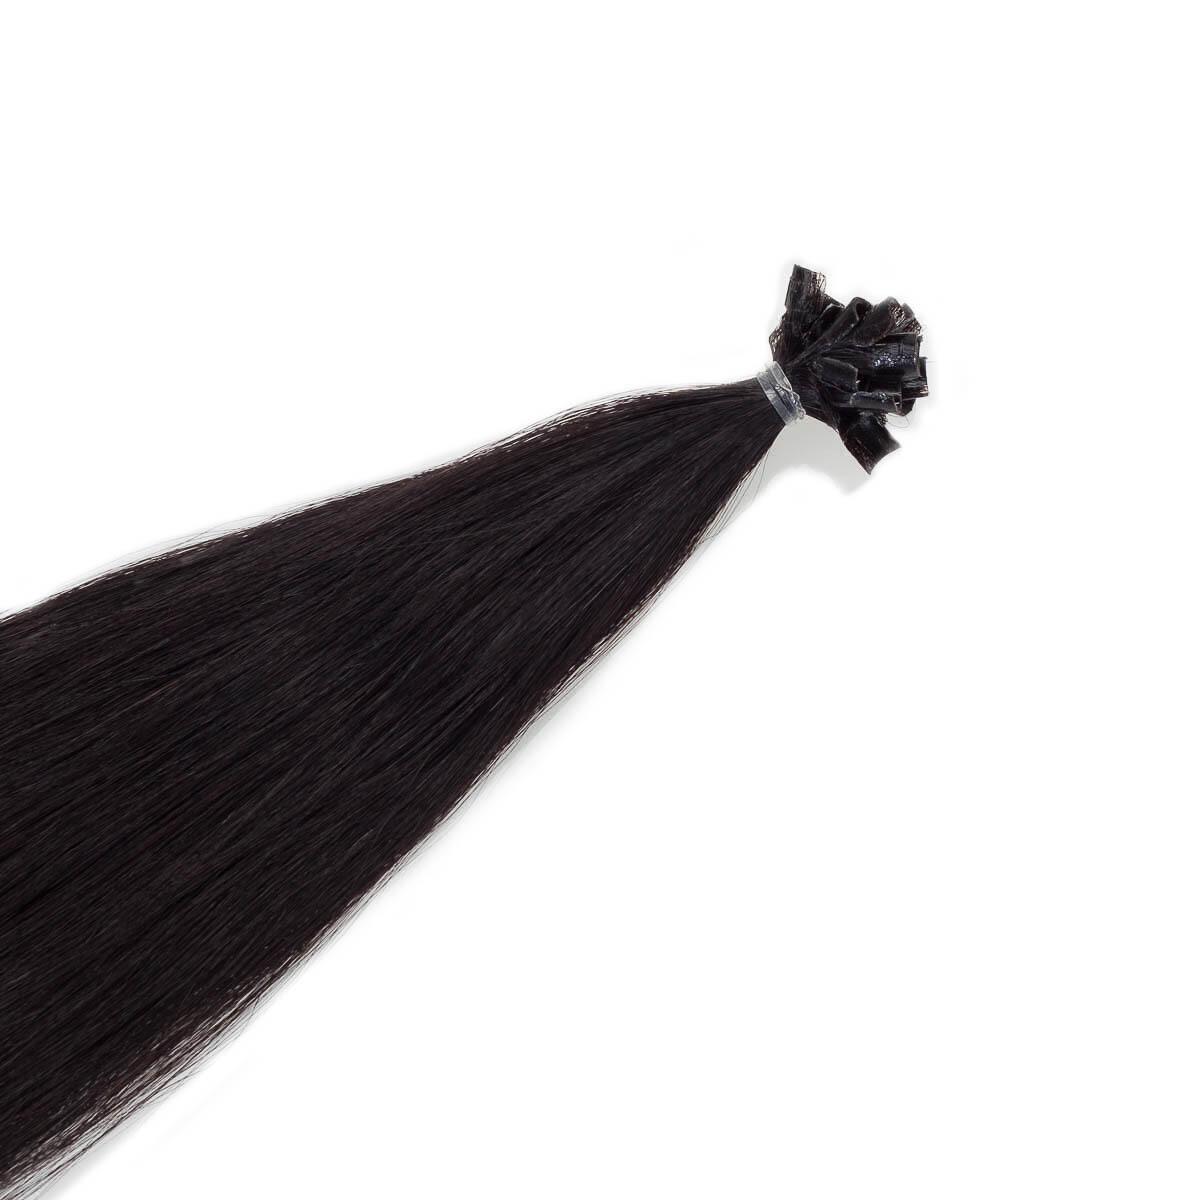 Nail Hair 1.2 Black Brown 60 cm